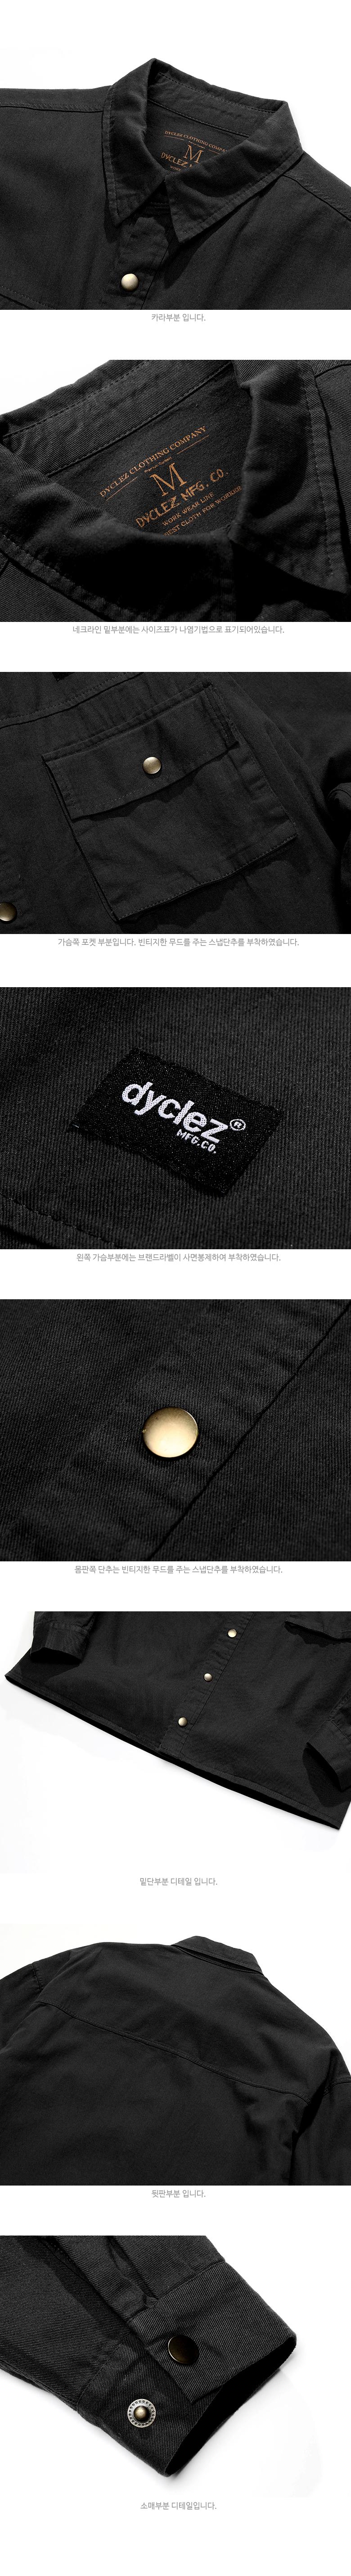 KHLS5087_detail_black_02.jpg